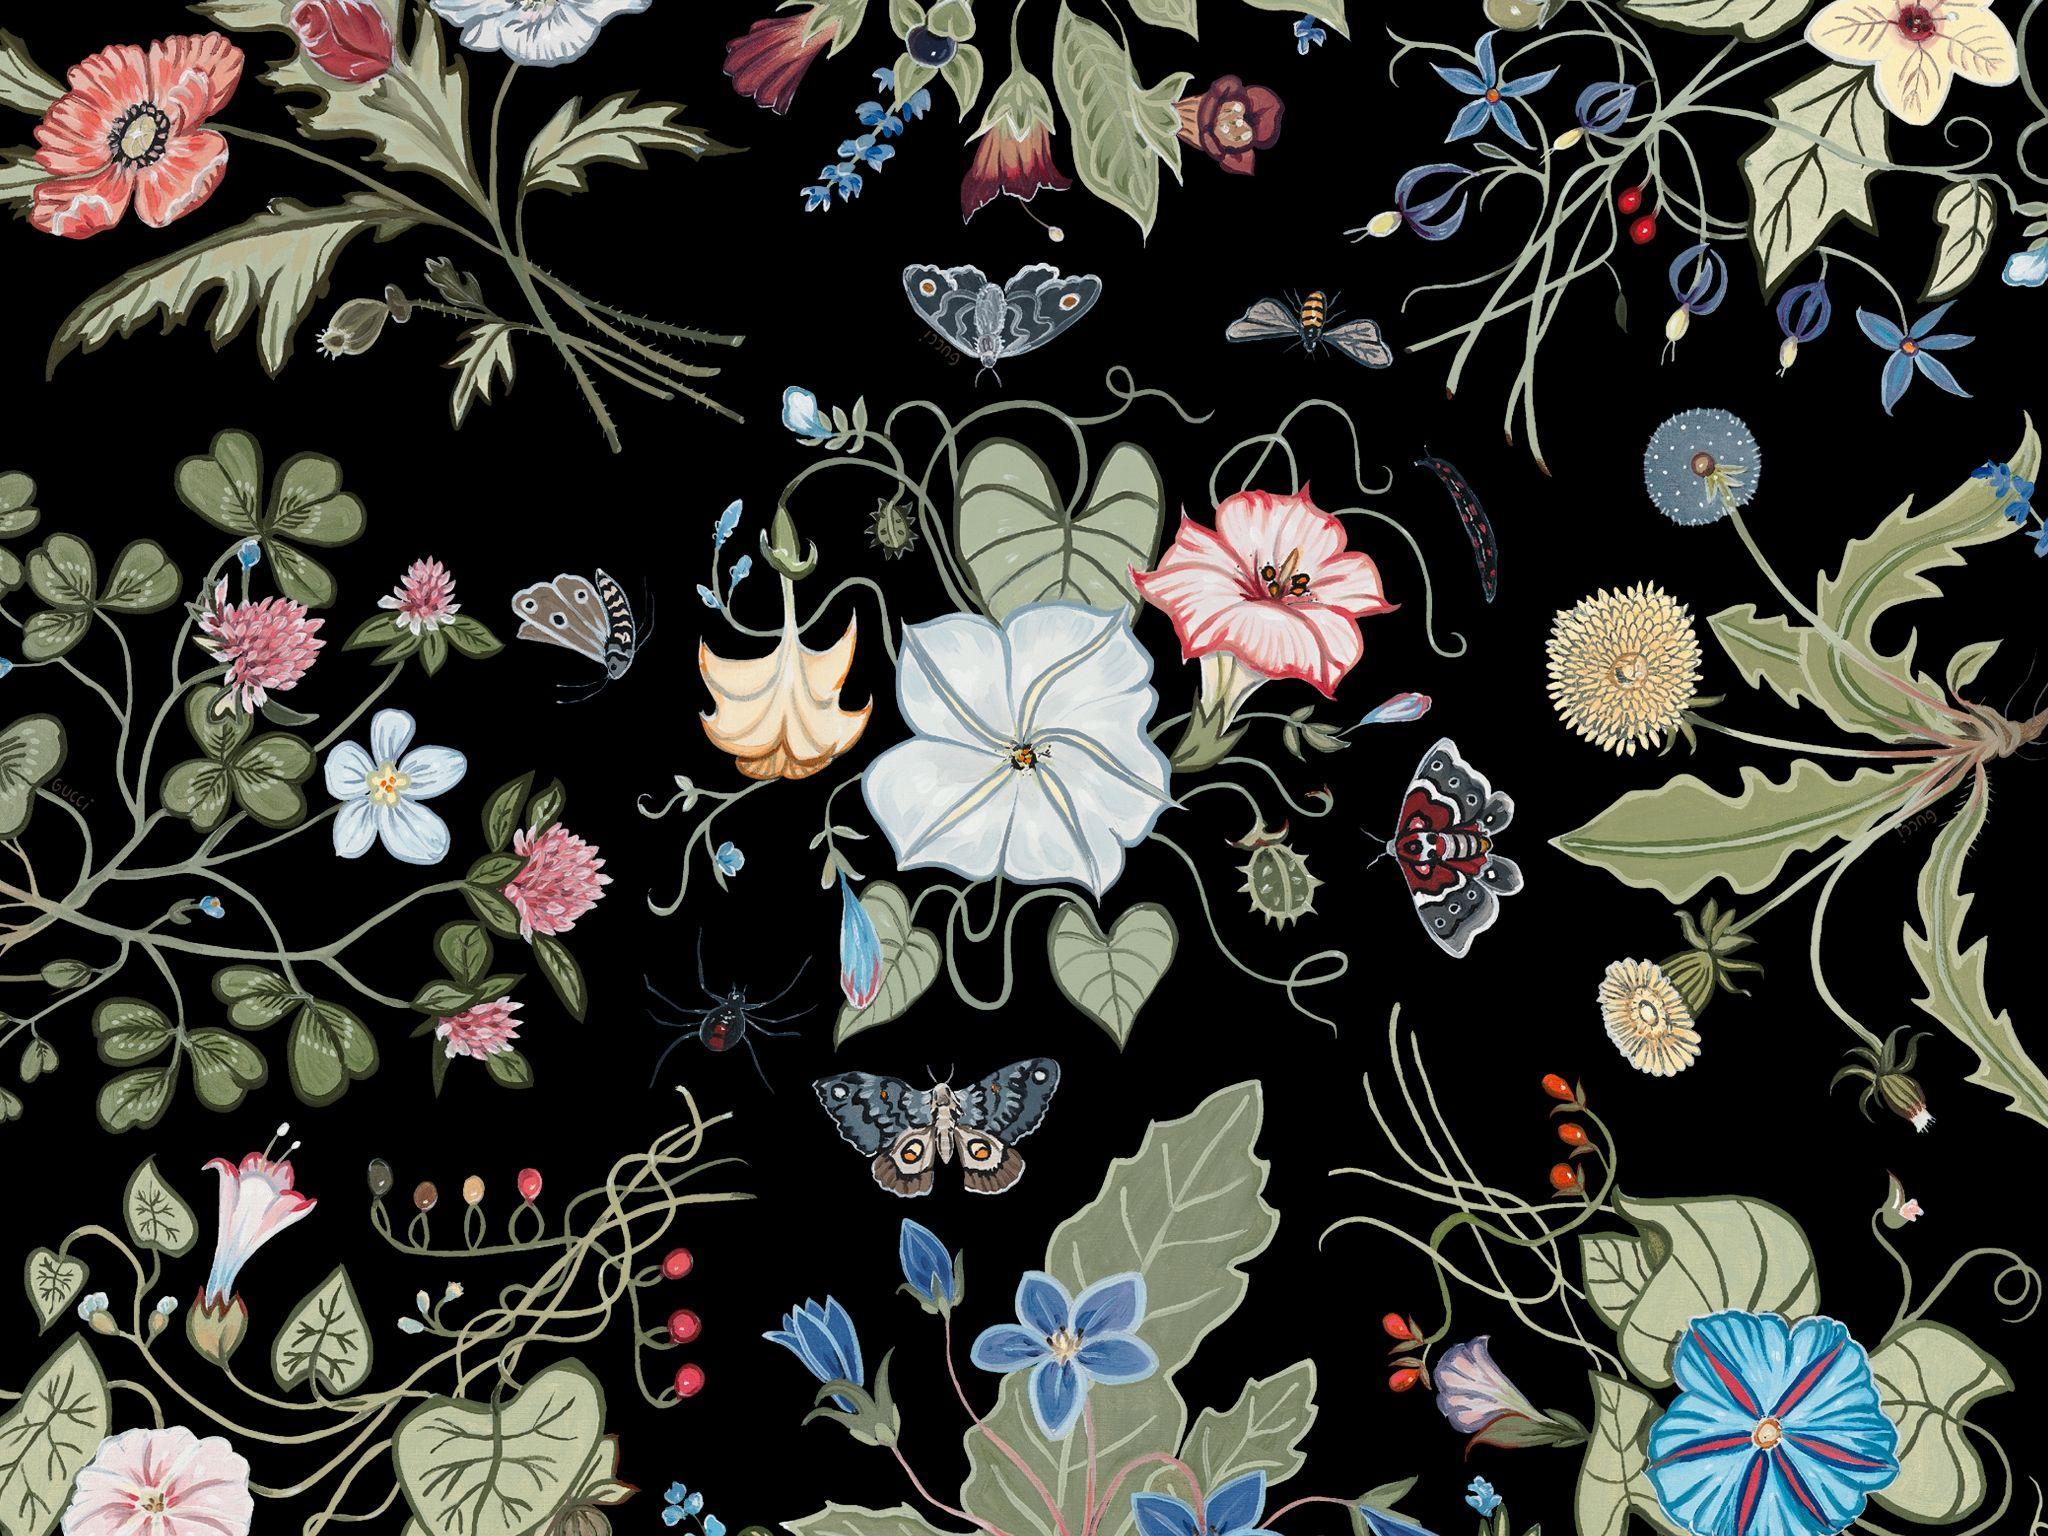 Gucci desktop wallpapers top free gucci desktop - Gucci desktop wallpaper ...